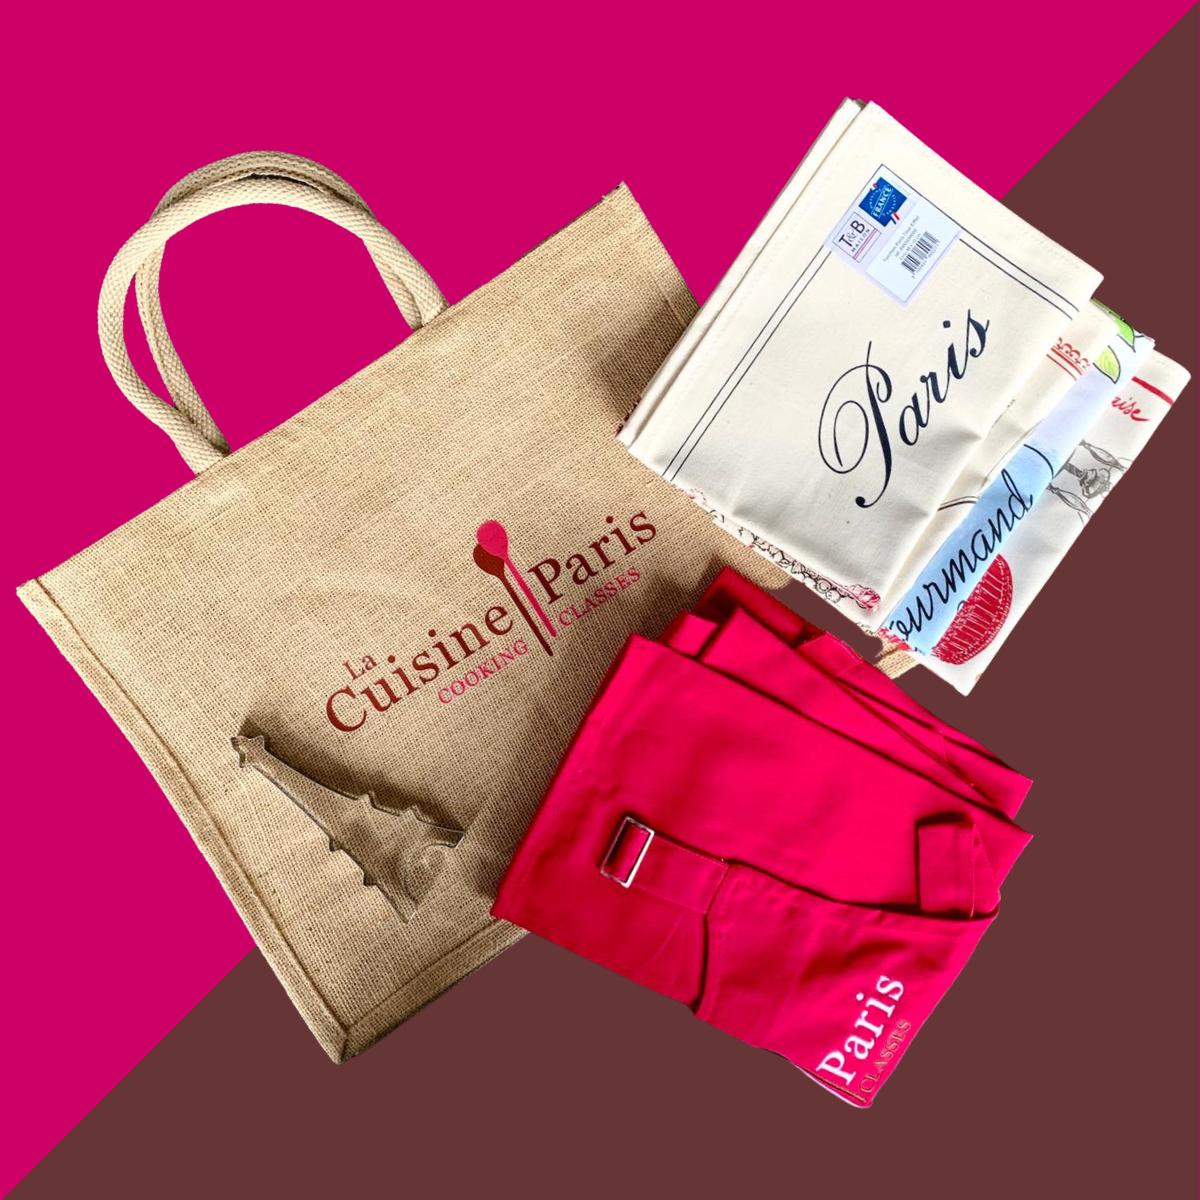 La Cuisine Paris Kit - Pink